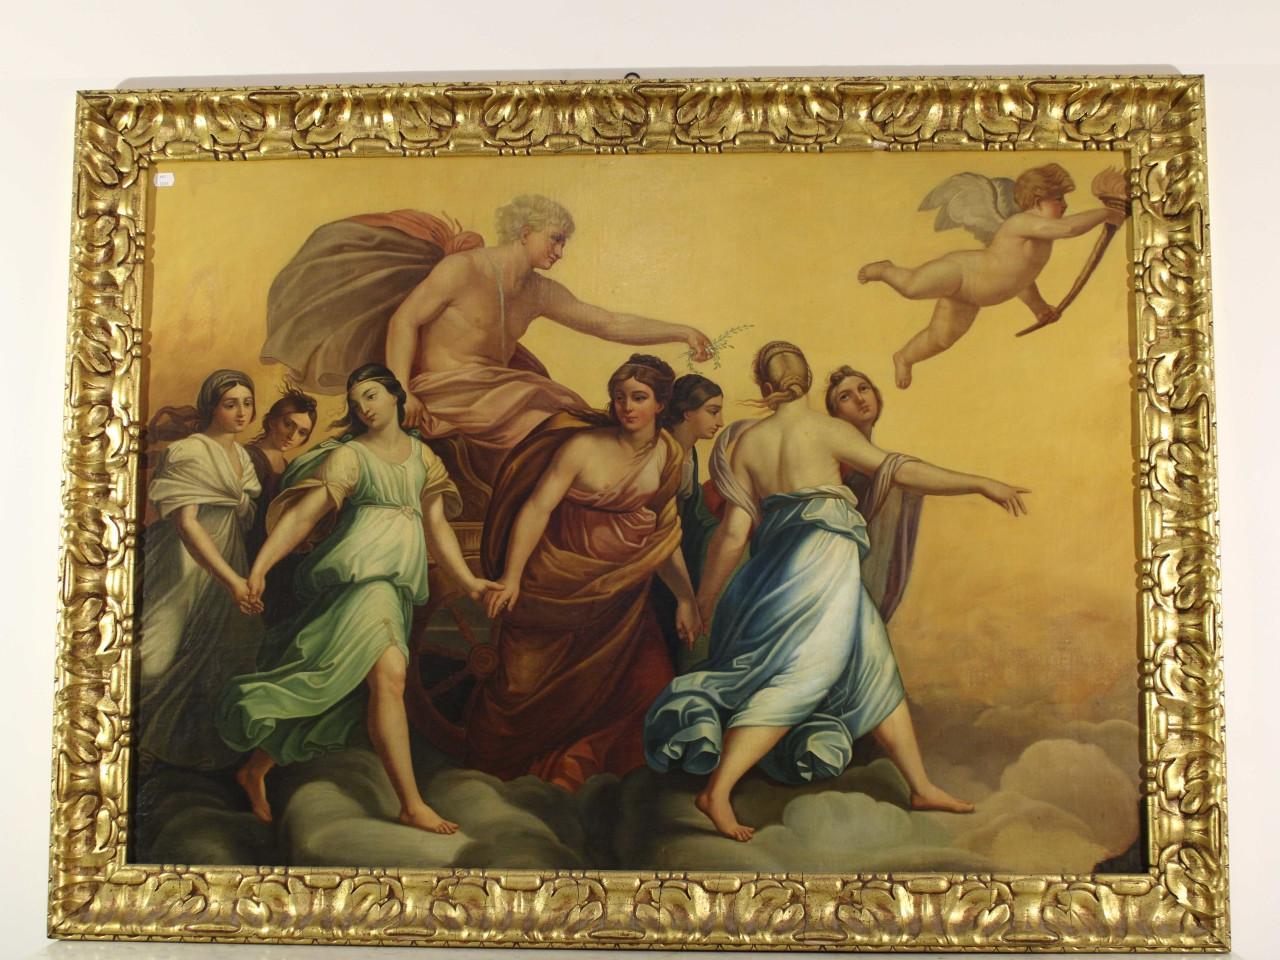 Culto di Aurora. Eos e Titone -Antichità Ioviero